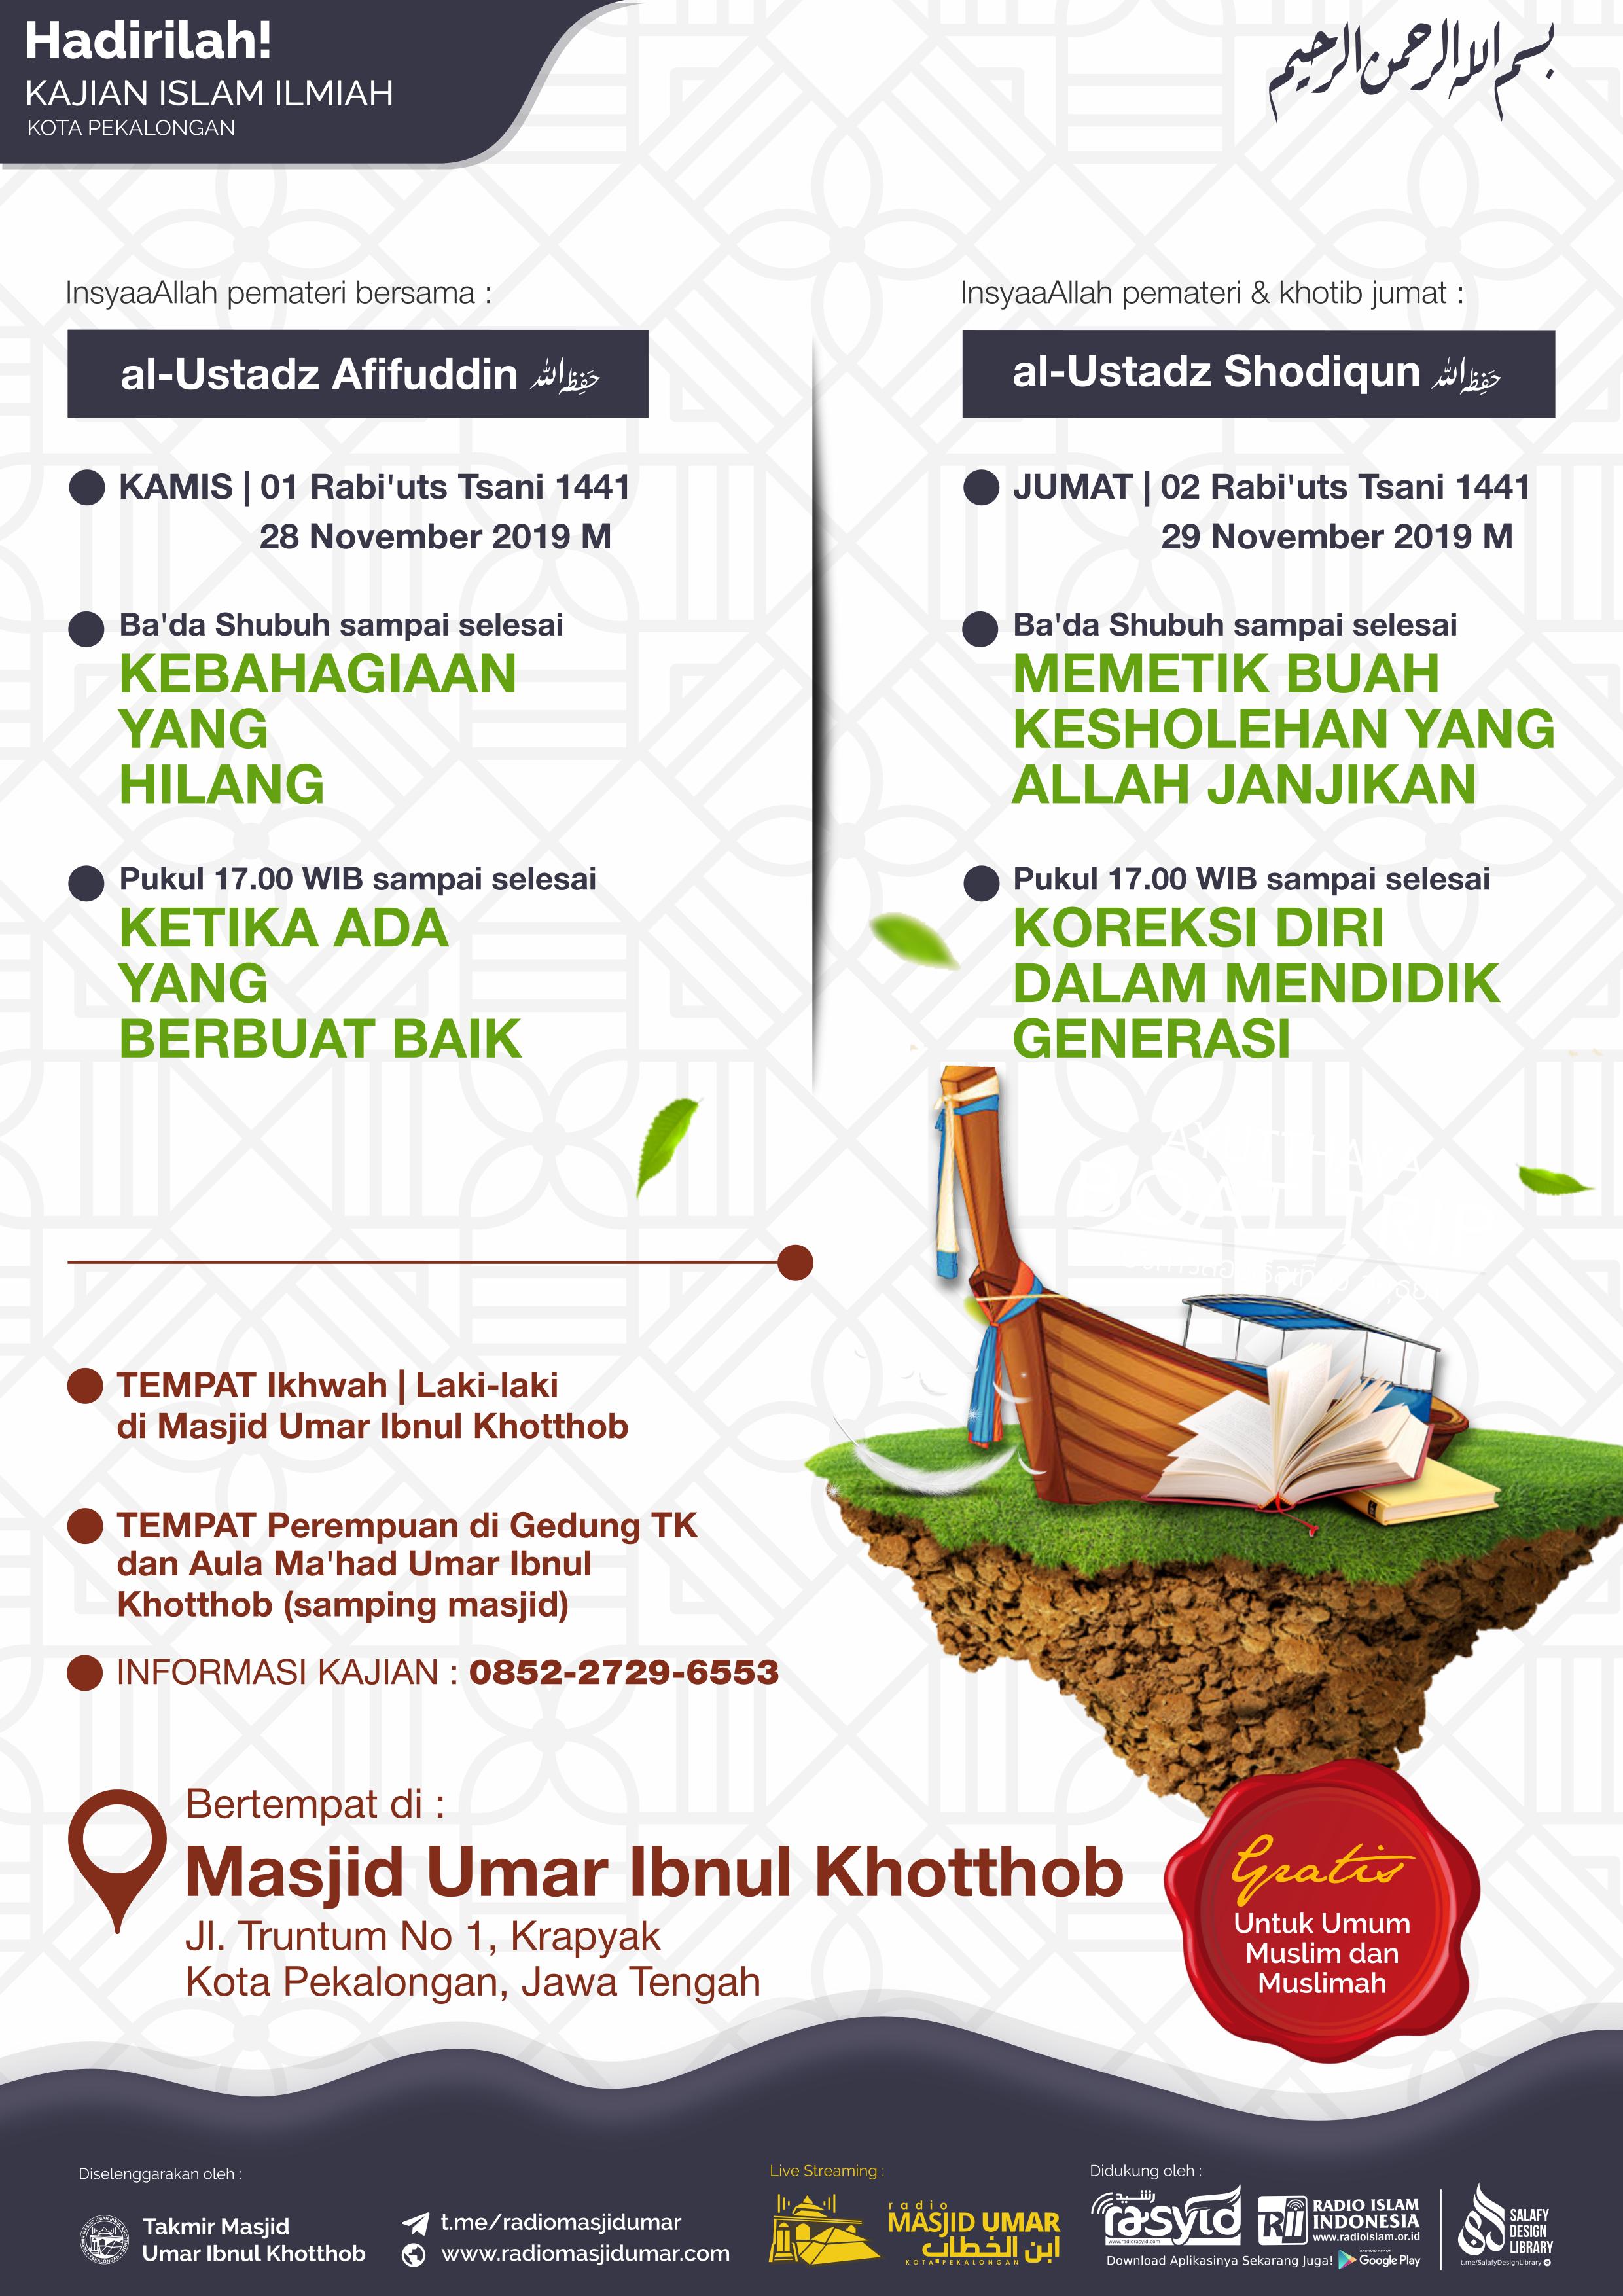 Kajian Ustadz Muhammad Afifuddin & Ustadz Shodiqun  hafidzahumullah di Pekalongan – 28 & 29 November 2019